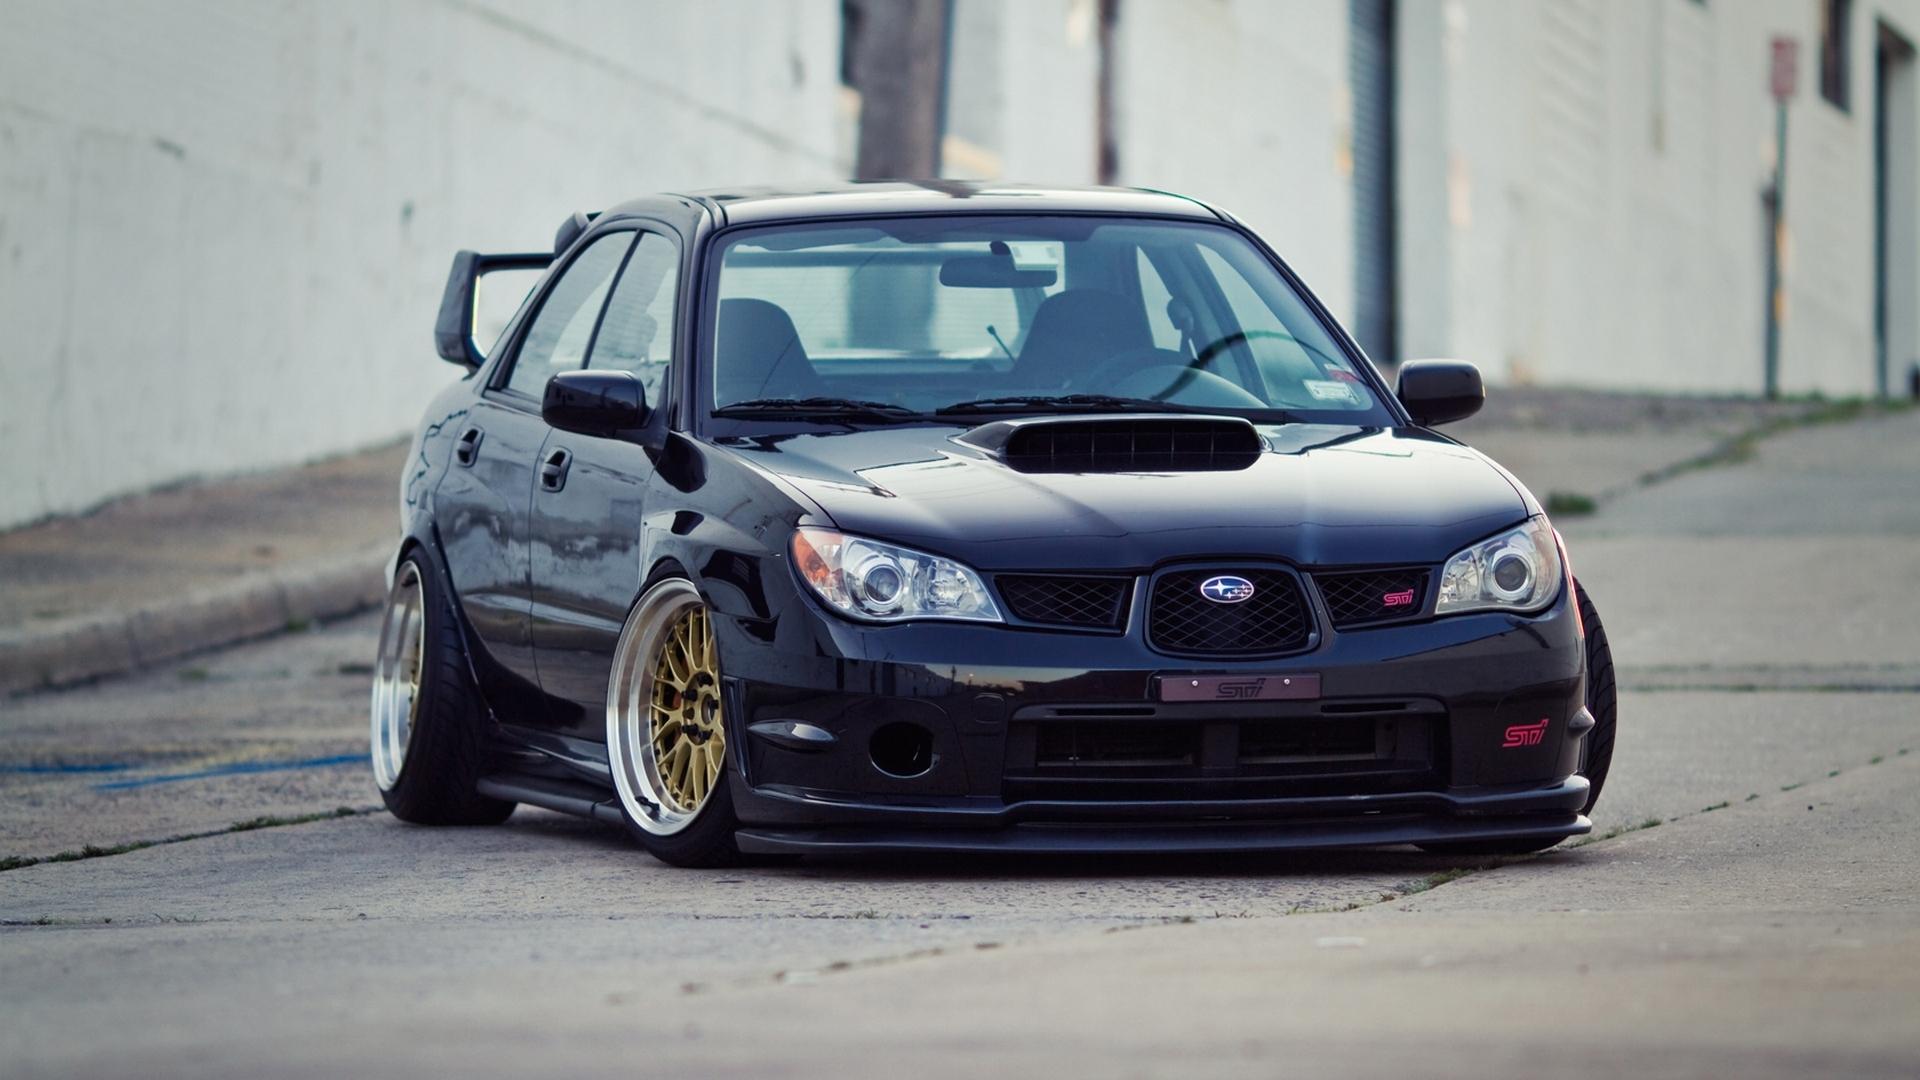 Subaru Impreza Sti Slammed Low Japan Car Tuning Wallpaper